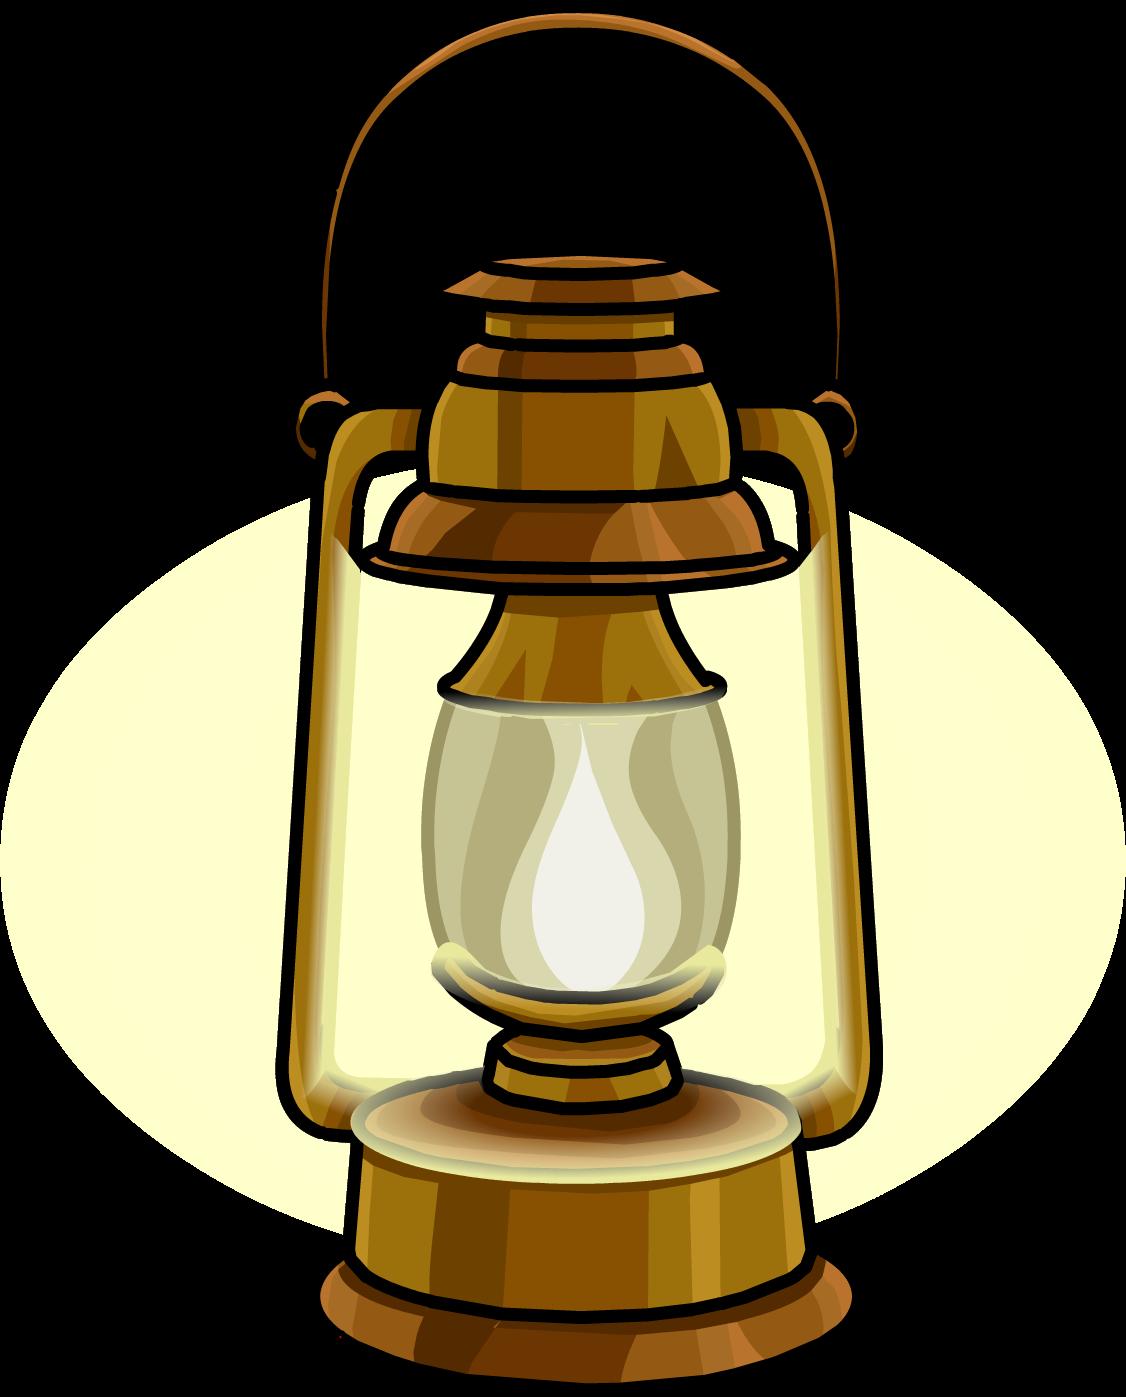 Storm Lantern Club Penguin Wiki Fandom Powered By Wikia